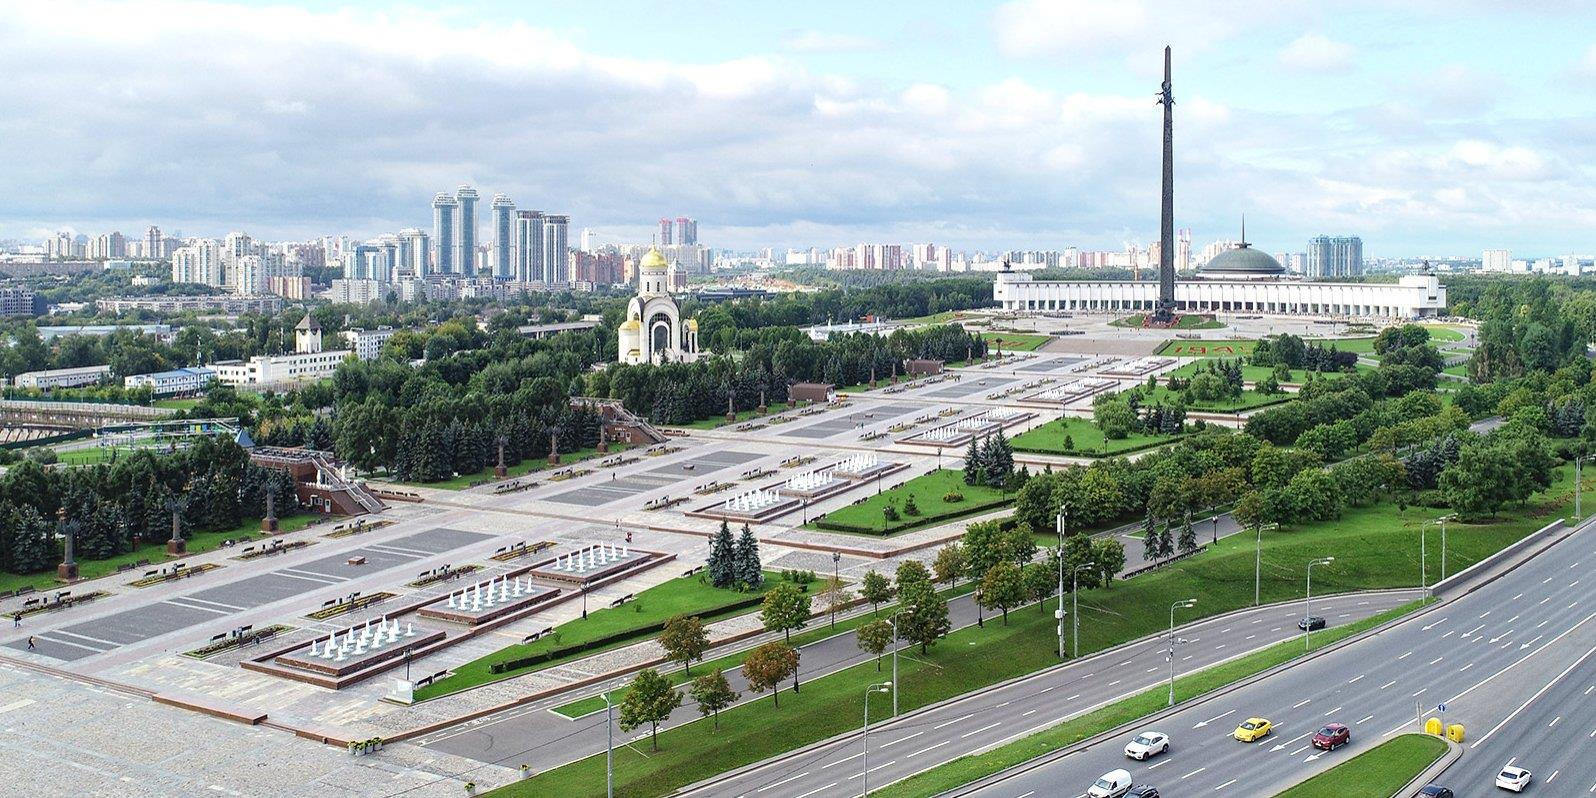 Visita al parque de la Victoria en Moscú